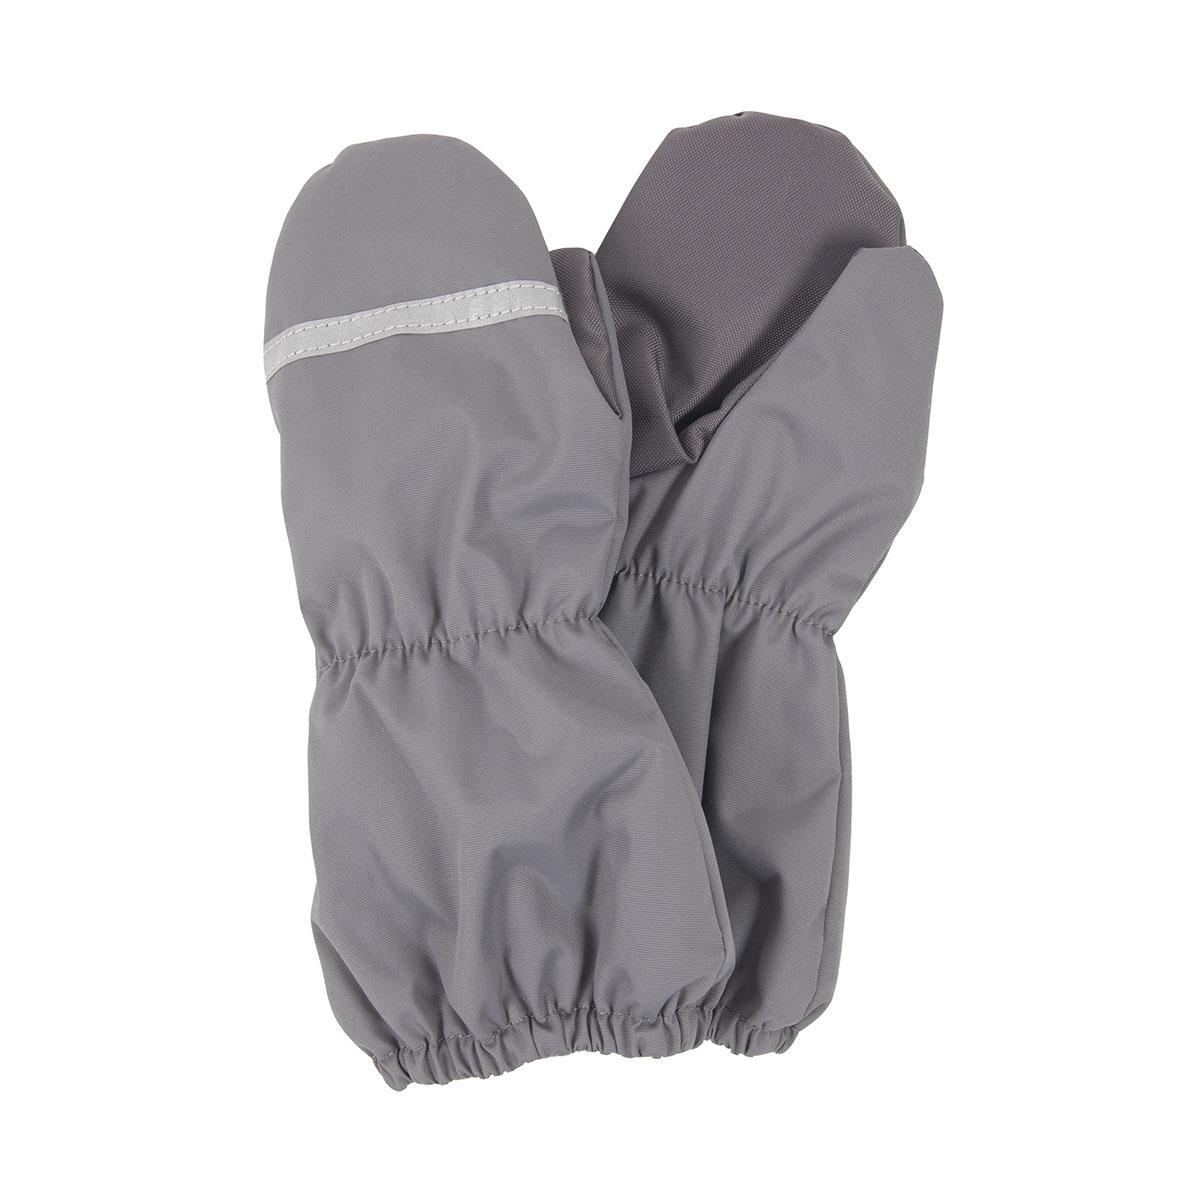 Рукавицы RAIN Kerry, Размер 3, Цвет 390-серый K21173-390_3